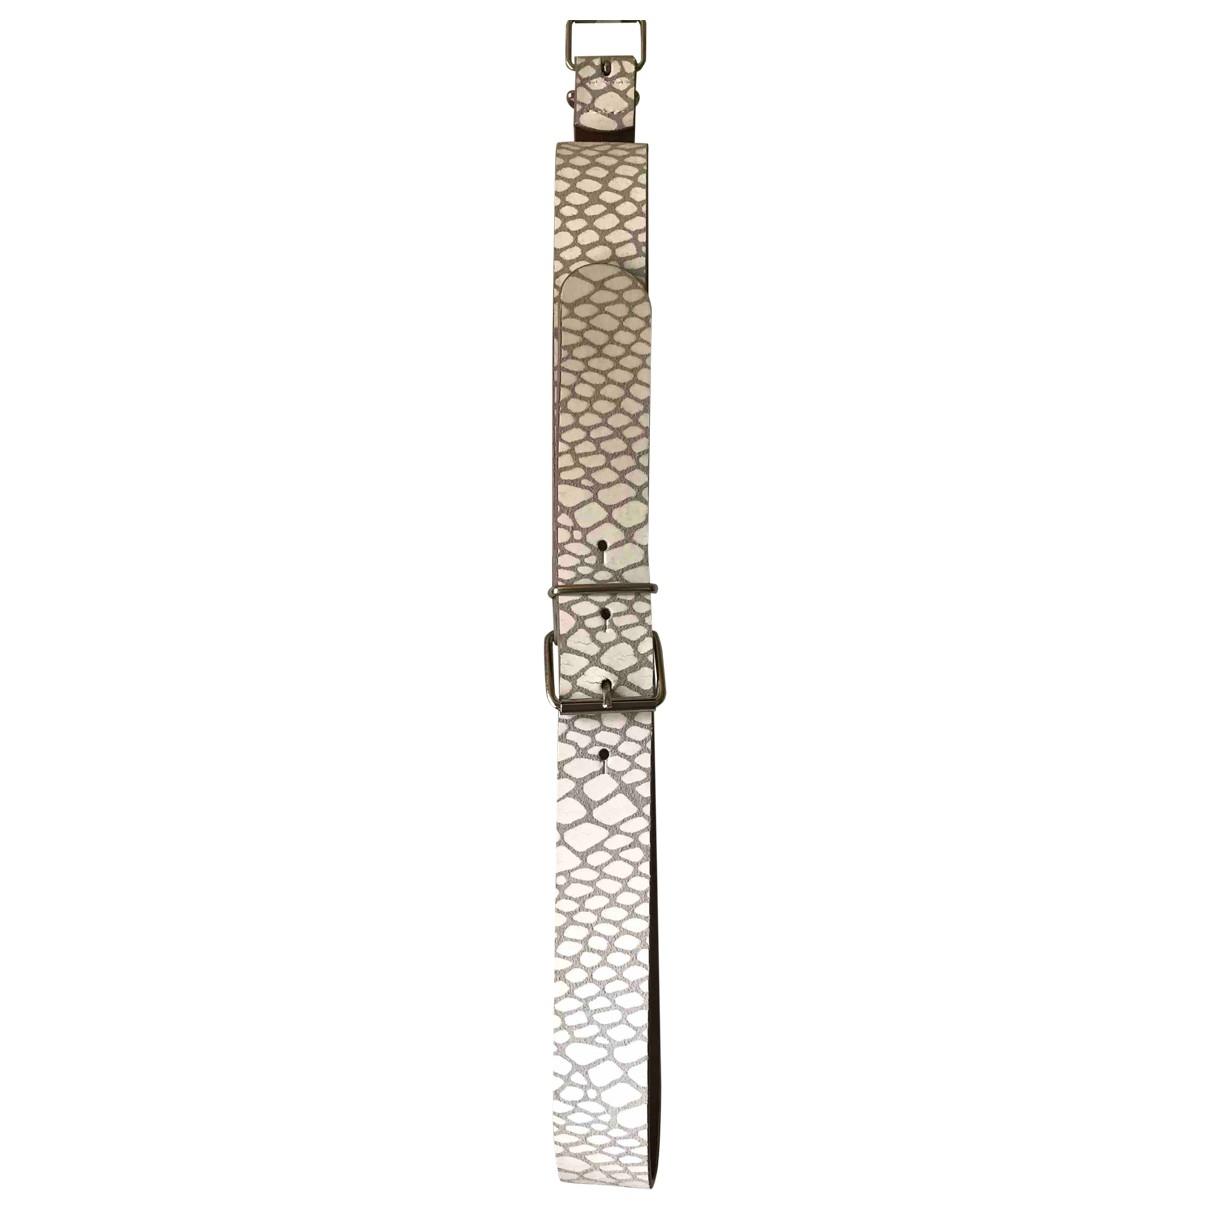 Maison Martin Margiela \N White Leather belt for Women M International